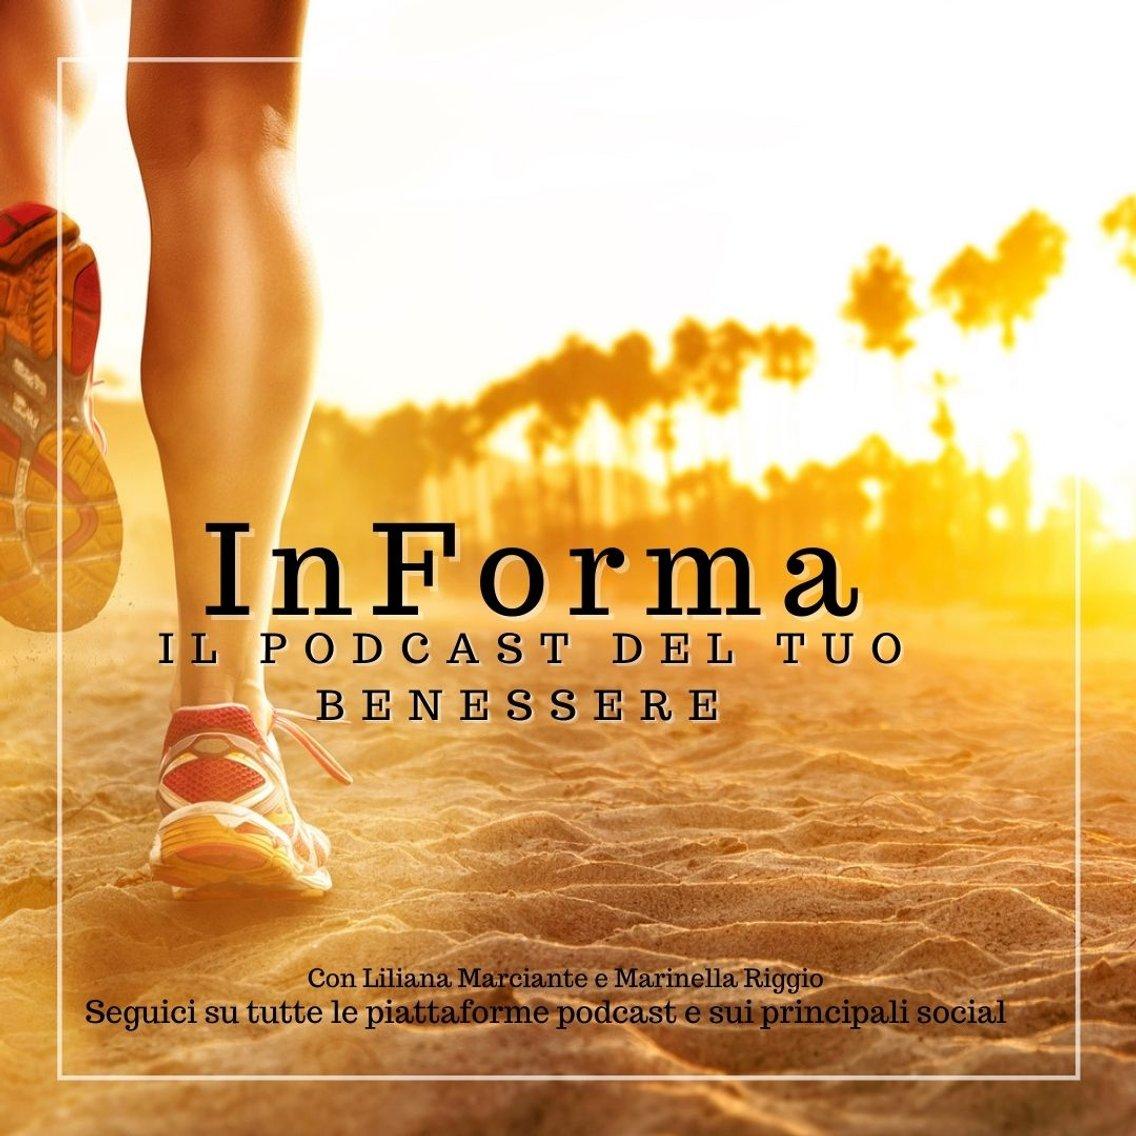 InForma il podcast del tuo benessere - Cover Image